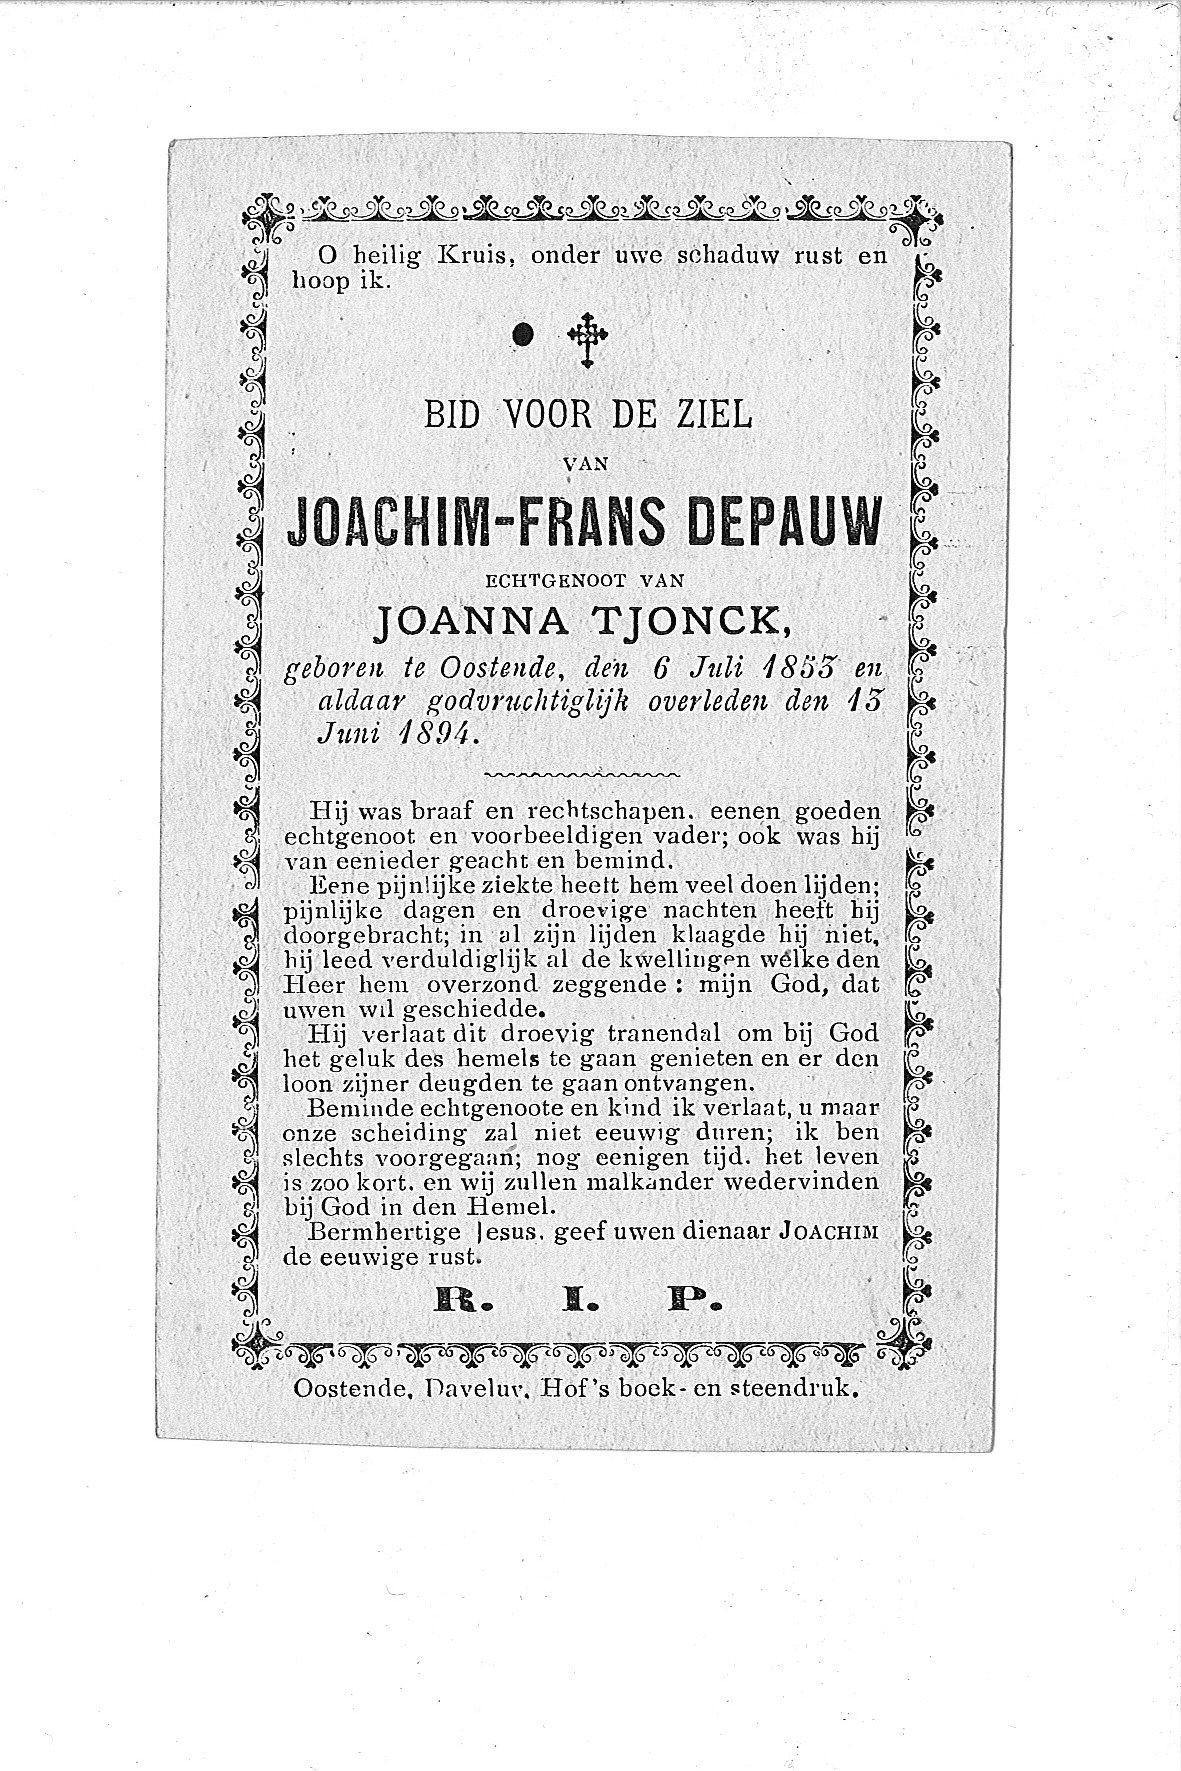 Joachim-Frans(1894)20091005093402_00010.jpg